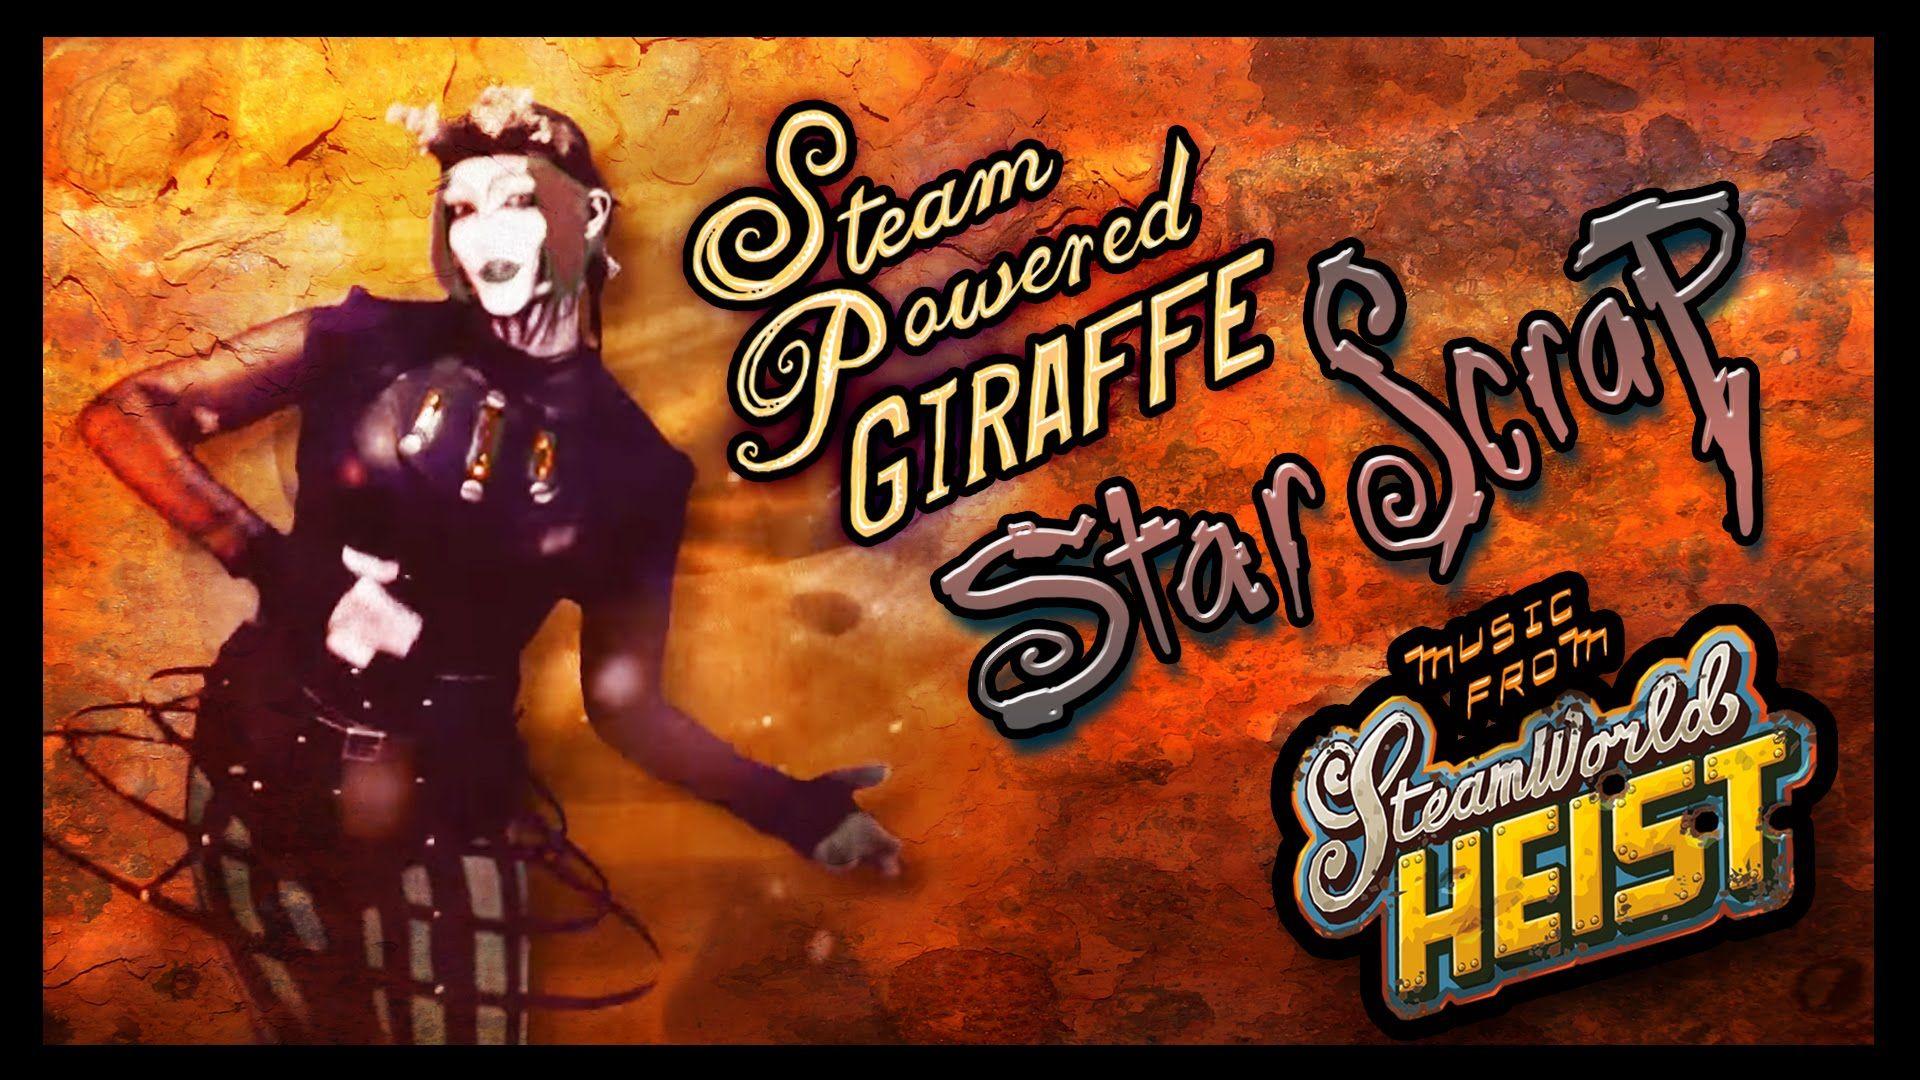 Steam powered giraffe star scrap from steamworld heist